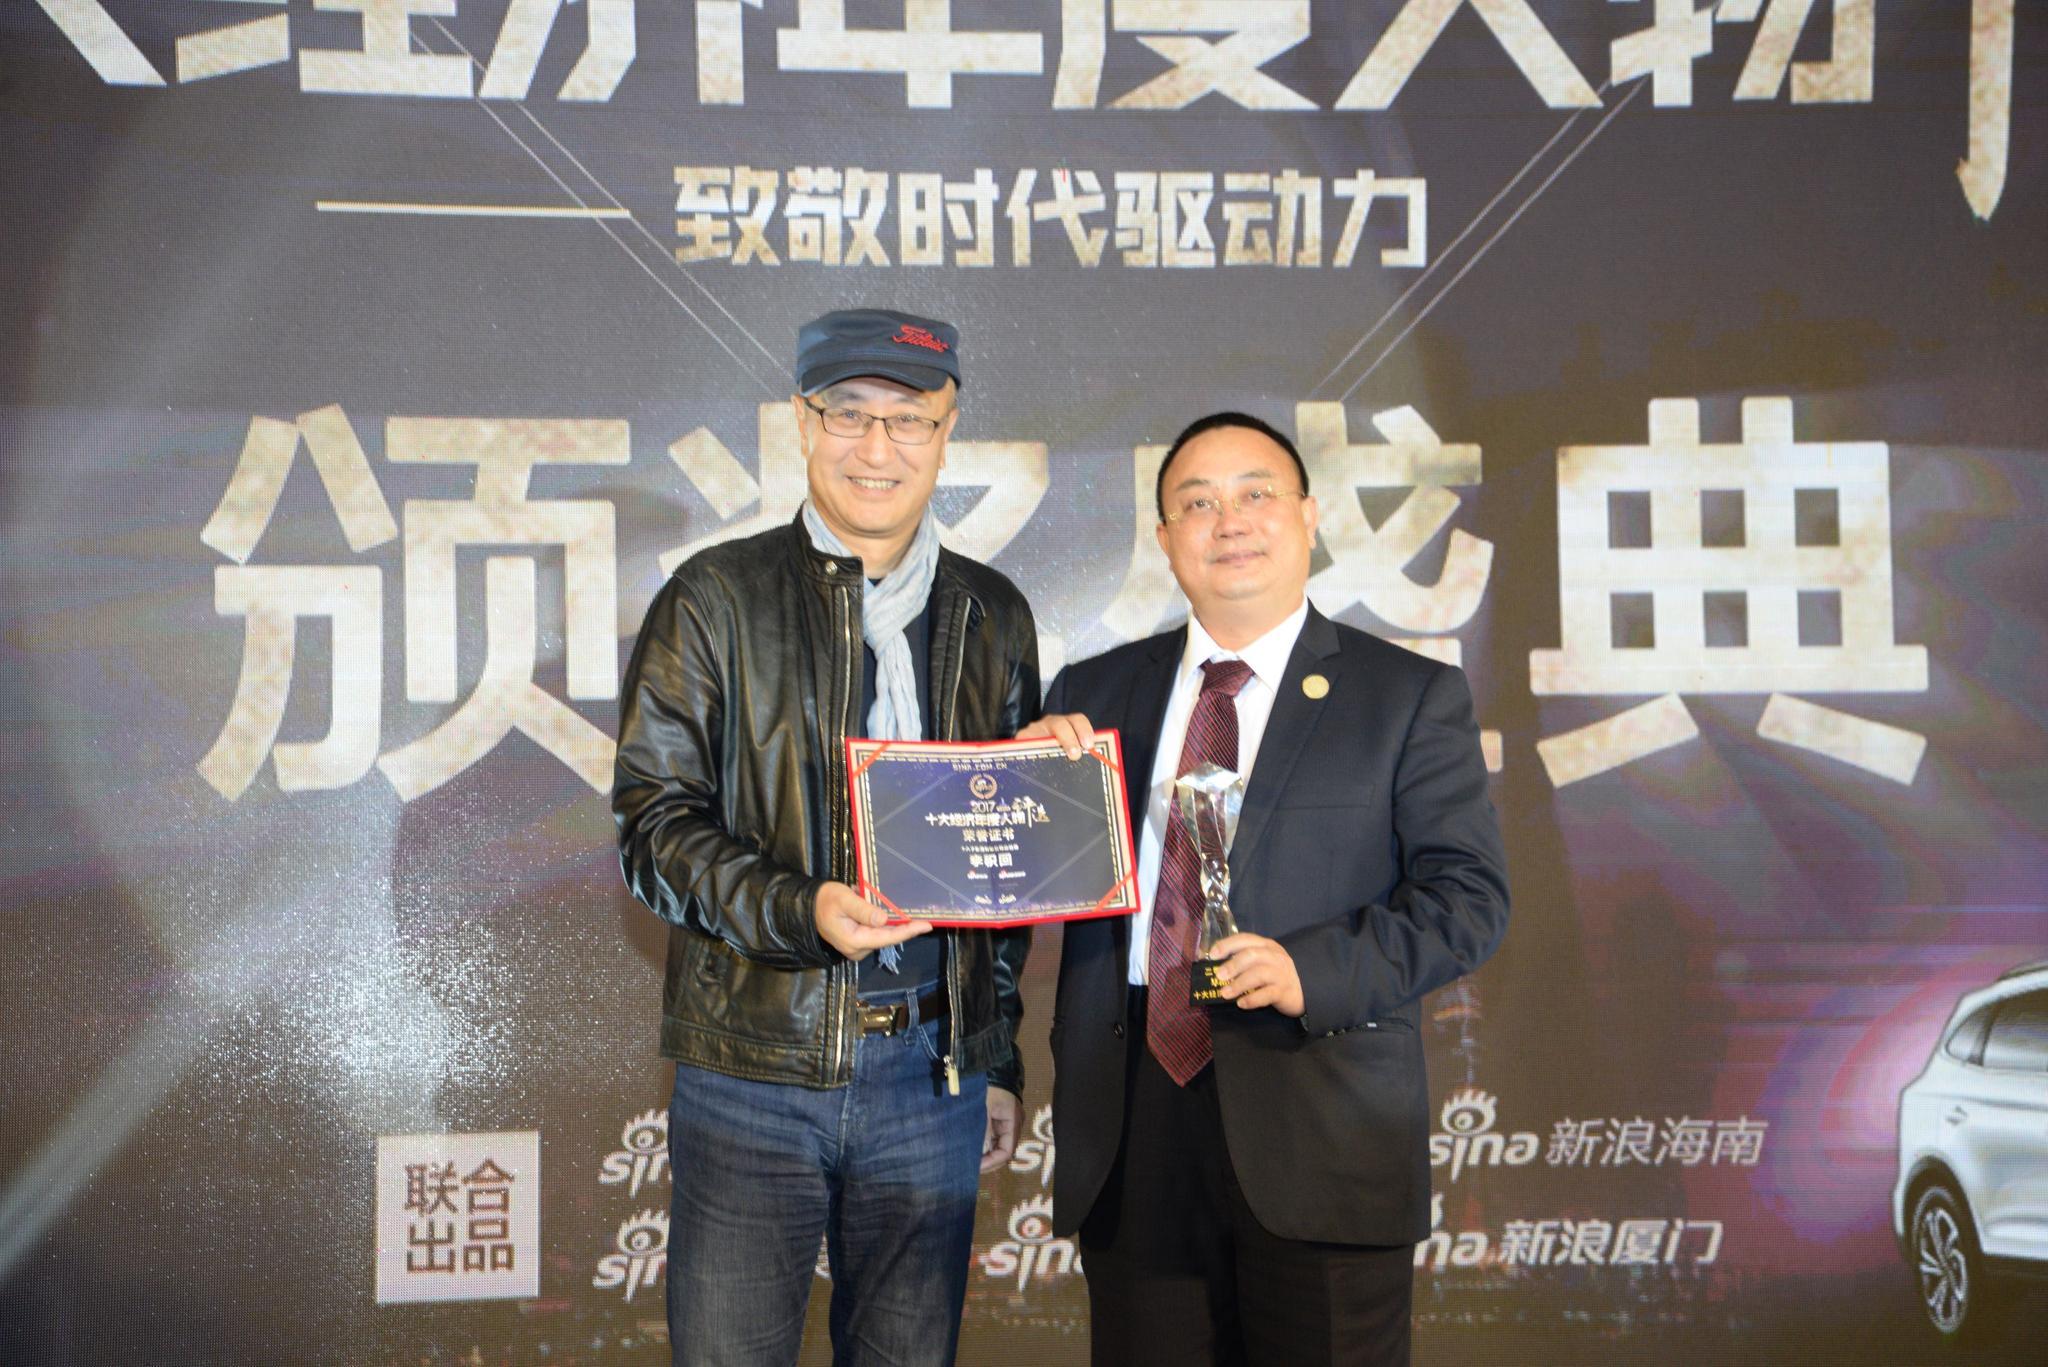 2017年华南区十大经济年度人物李积回获奖